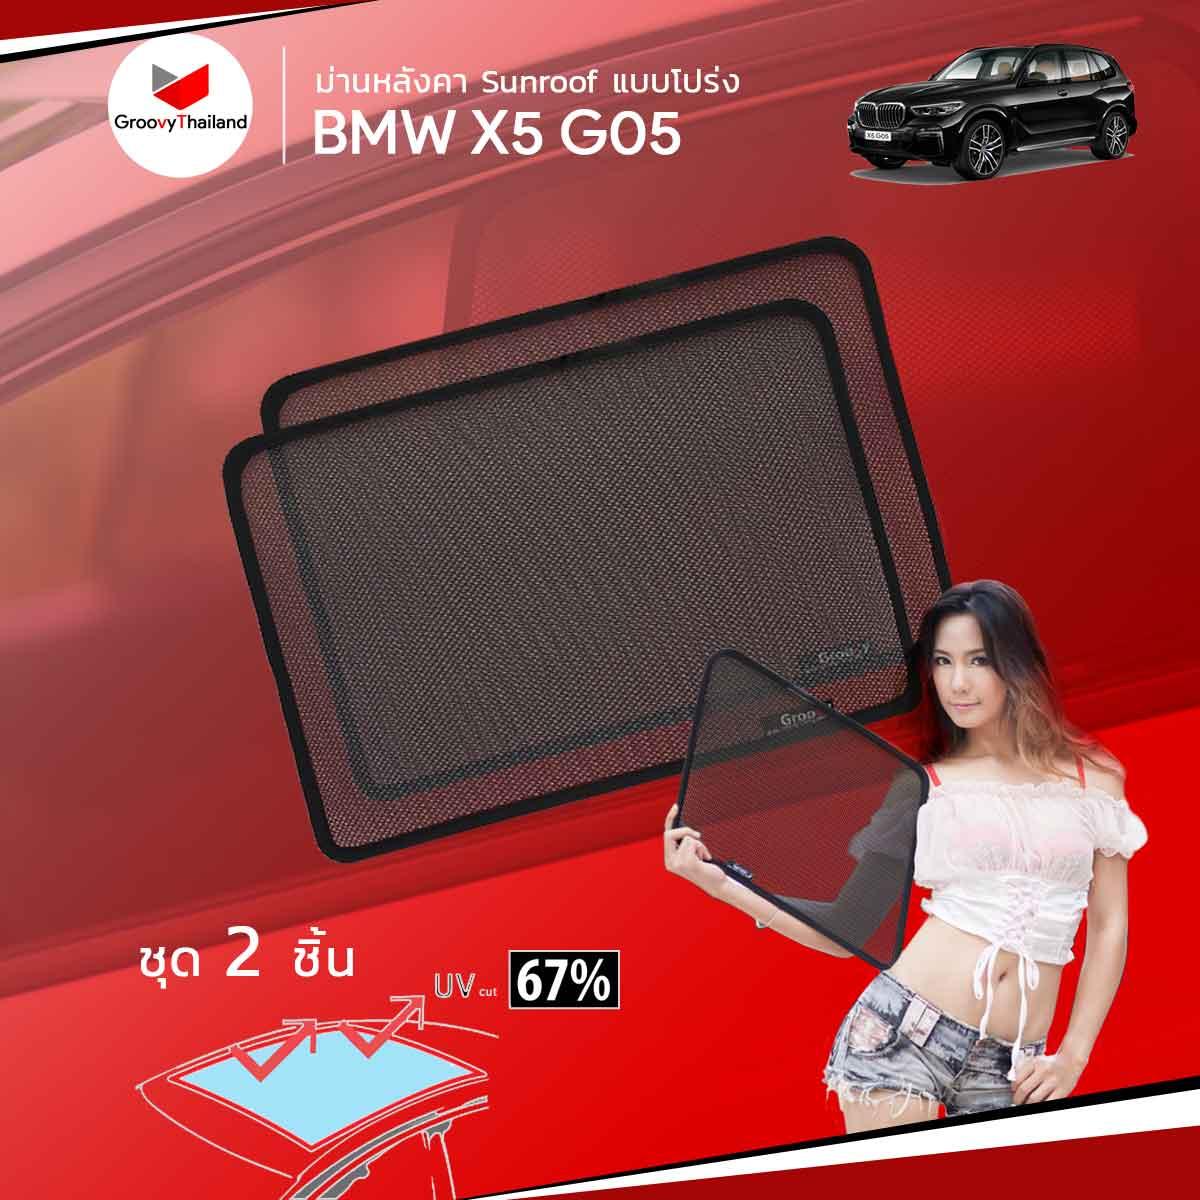 ม่านหลังคา - BMW X5 G05